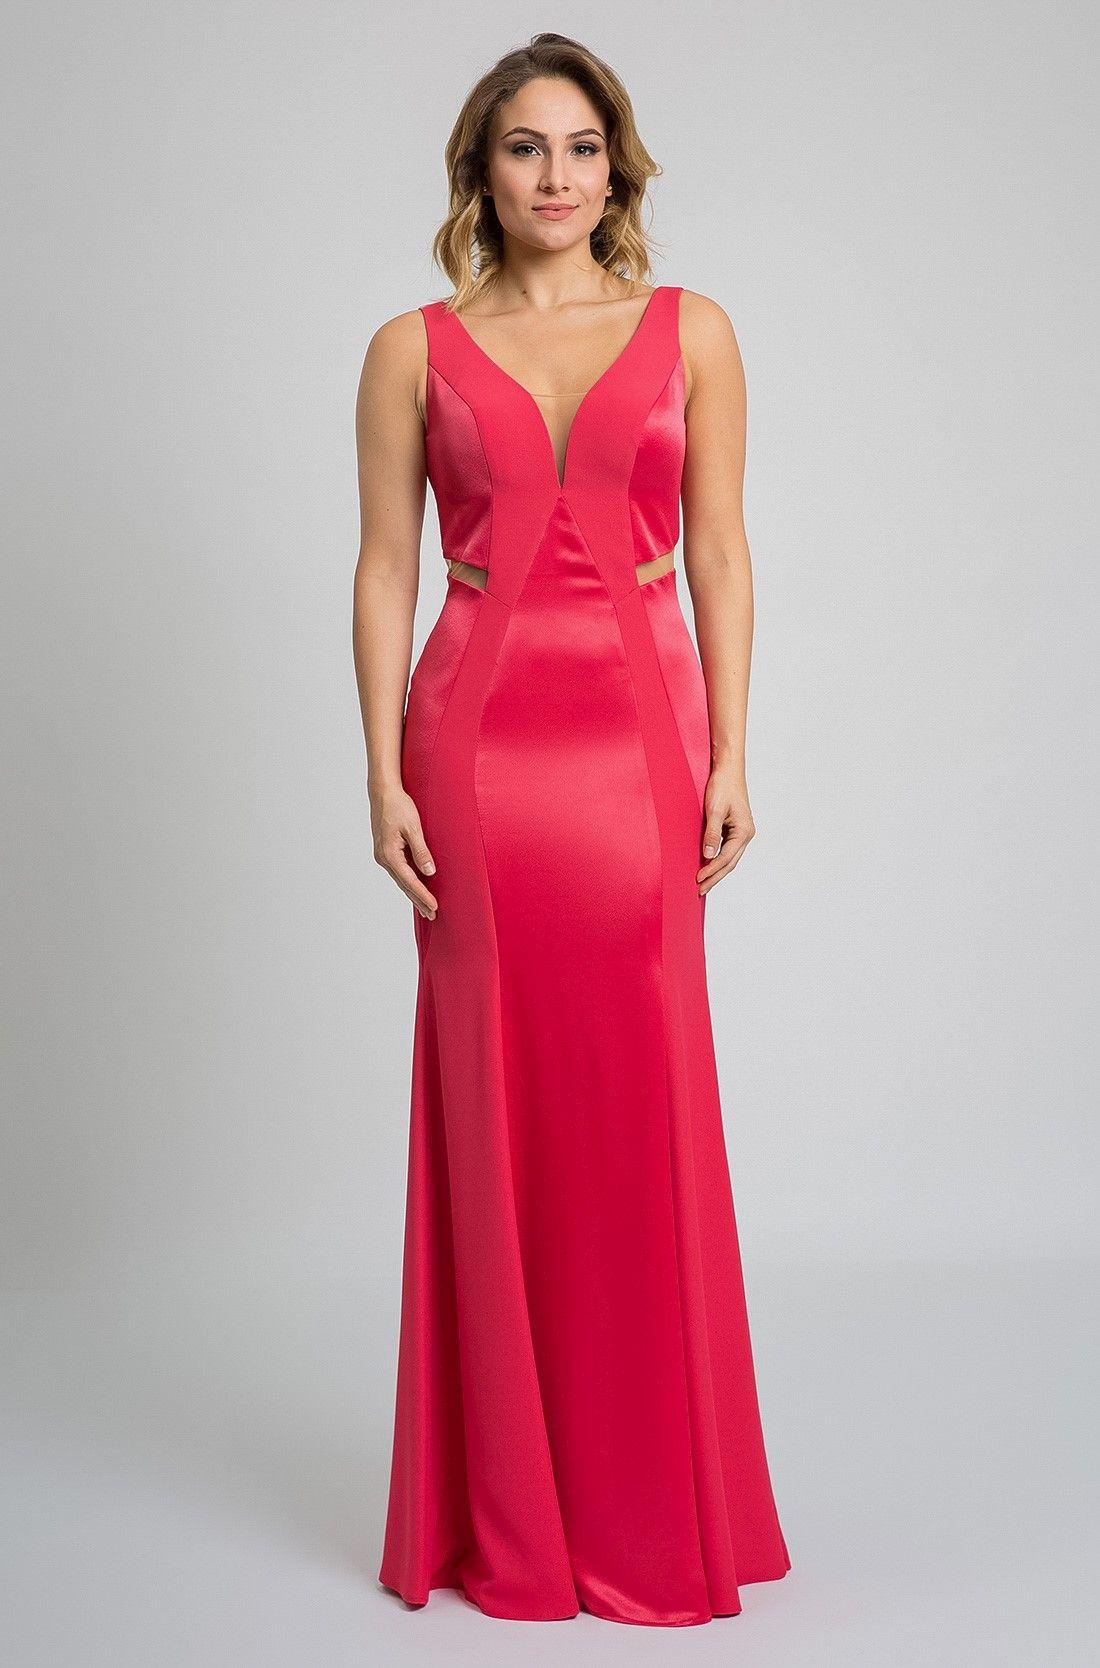 f6dceb6f3 Vestido Sereia Space | vestidos | Vestido de festa sereia, Vestido de festa  e Vestidos sereia